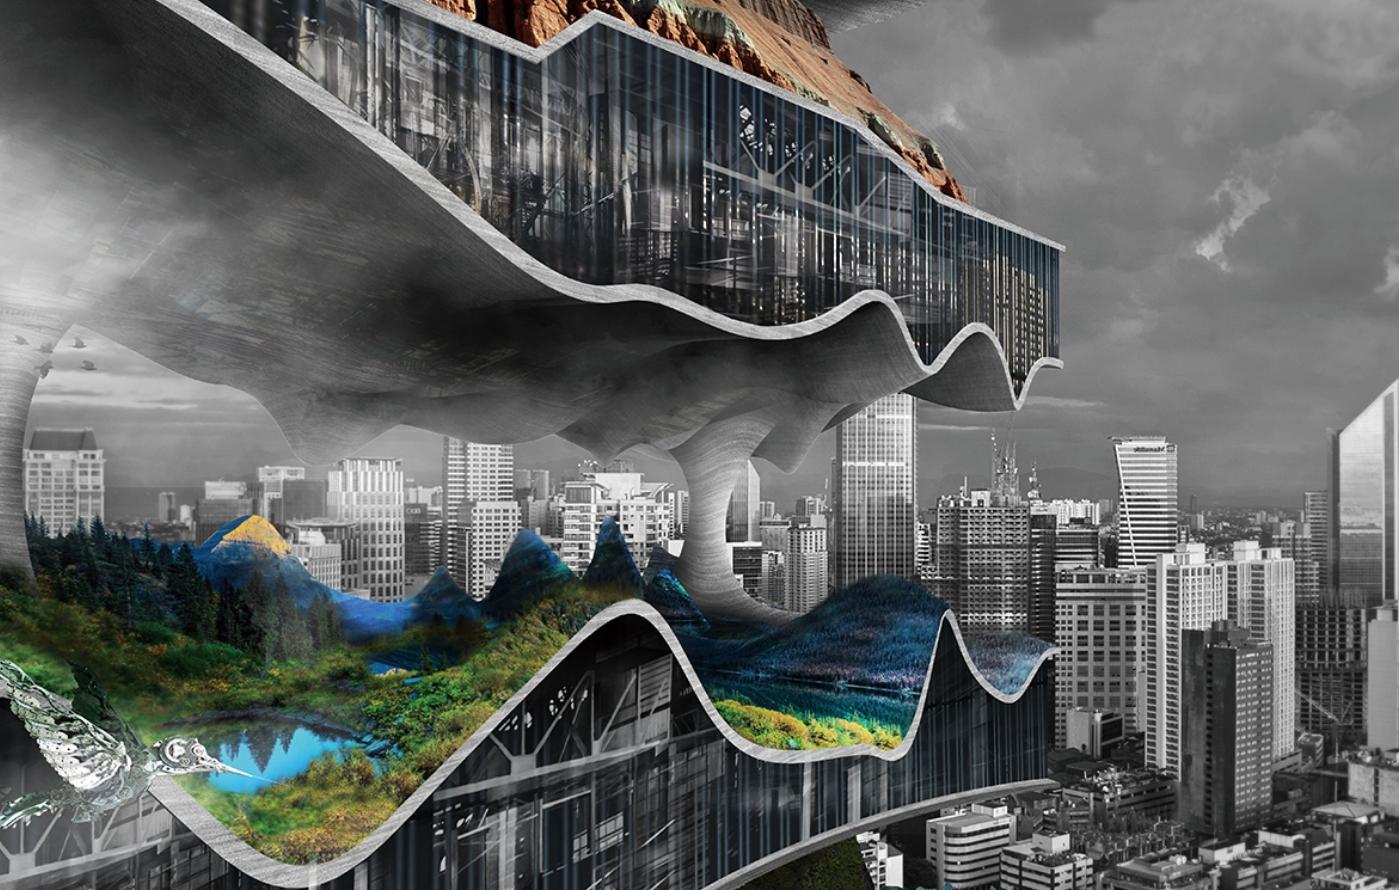 Lo último en rehabilitación sostenible de edificios y viviendas